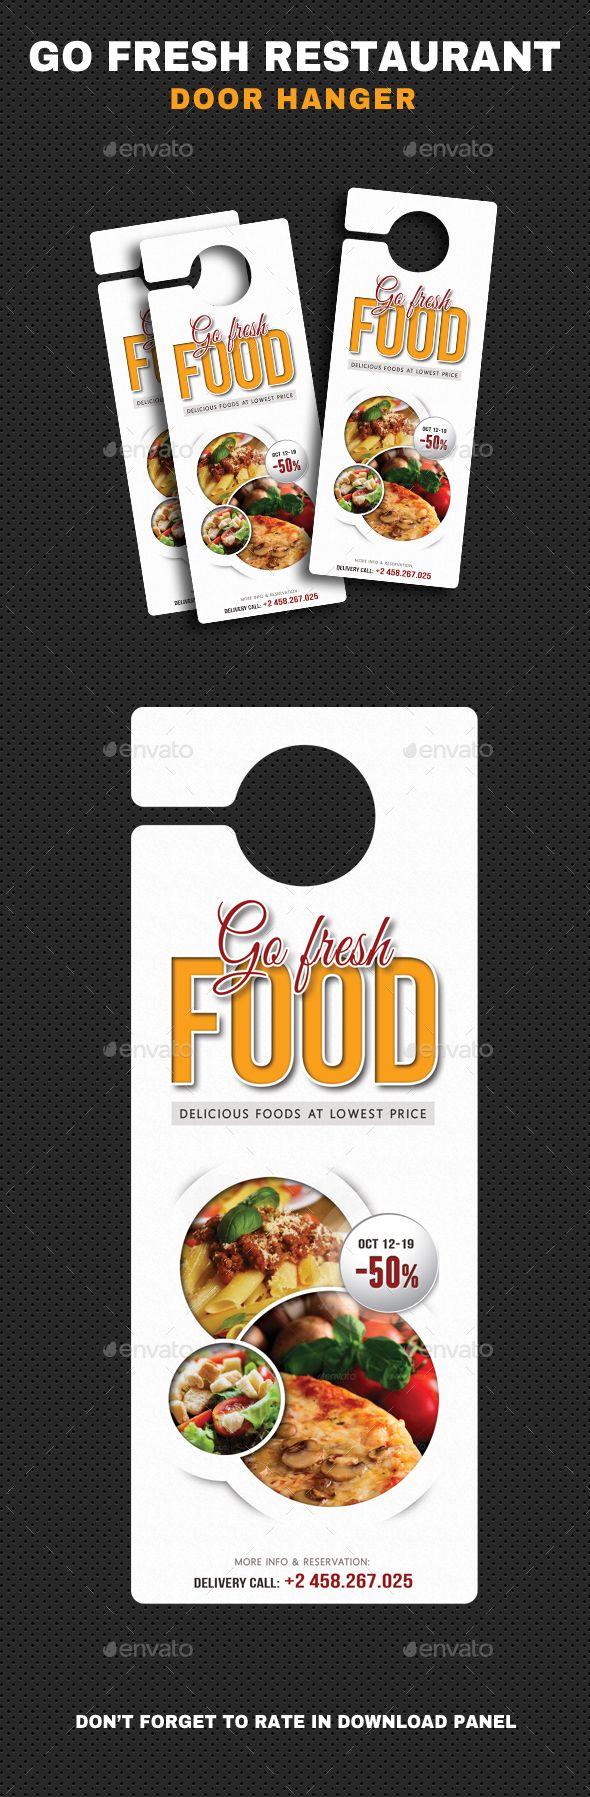 Go Fresh Restaurant Door Hanger Template PSD